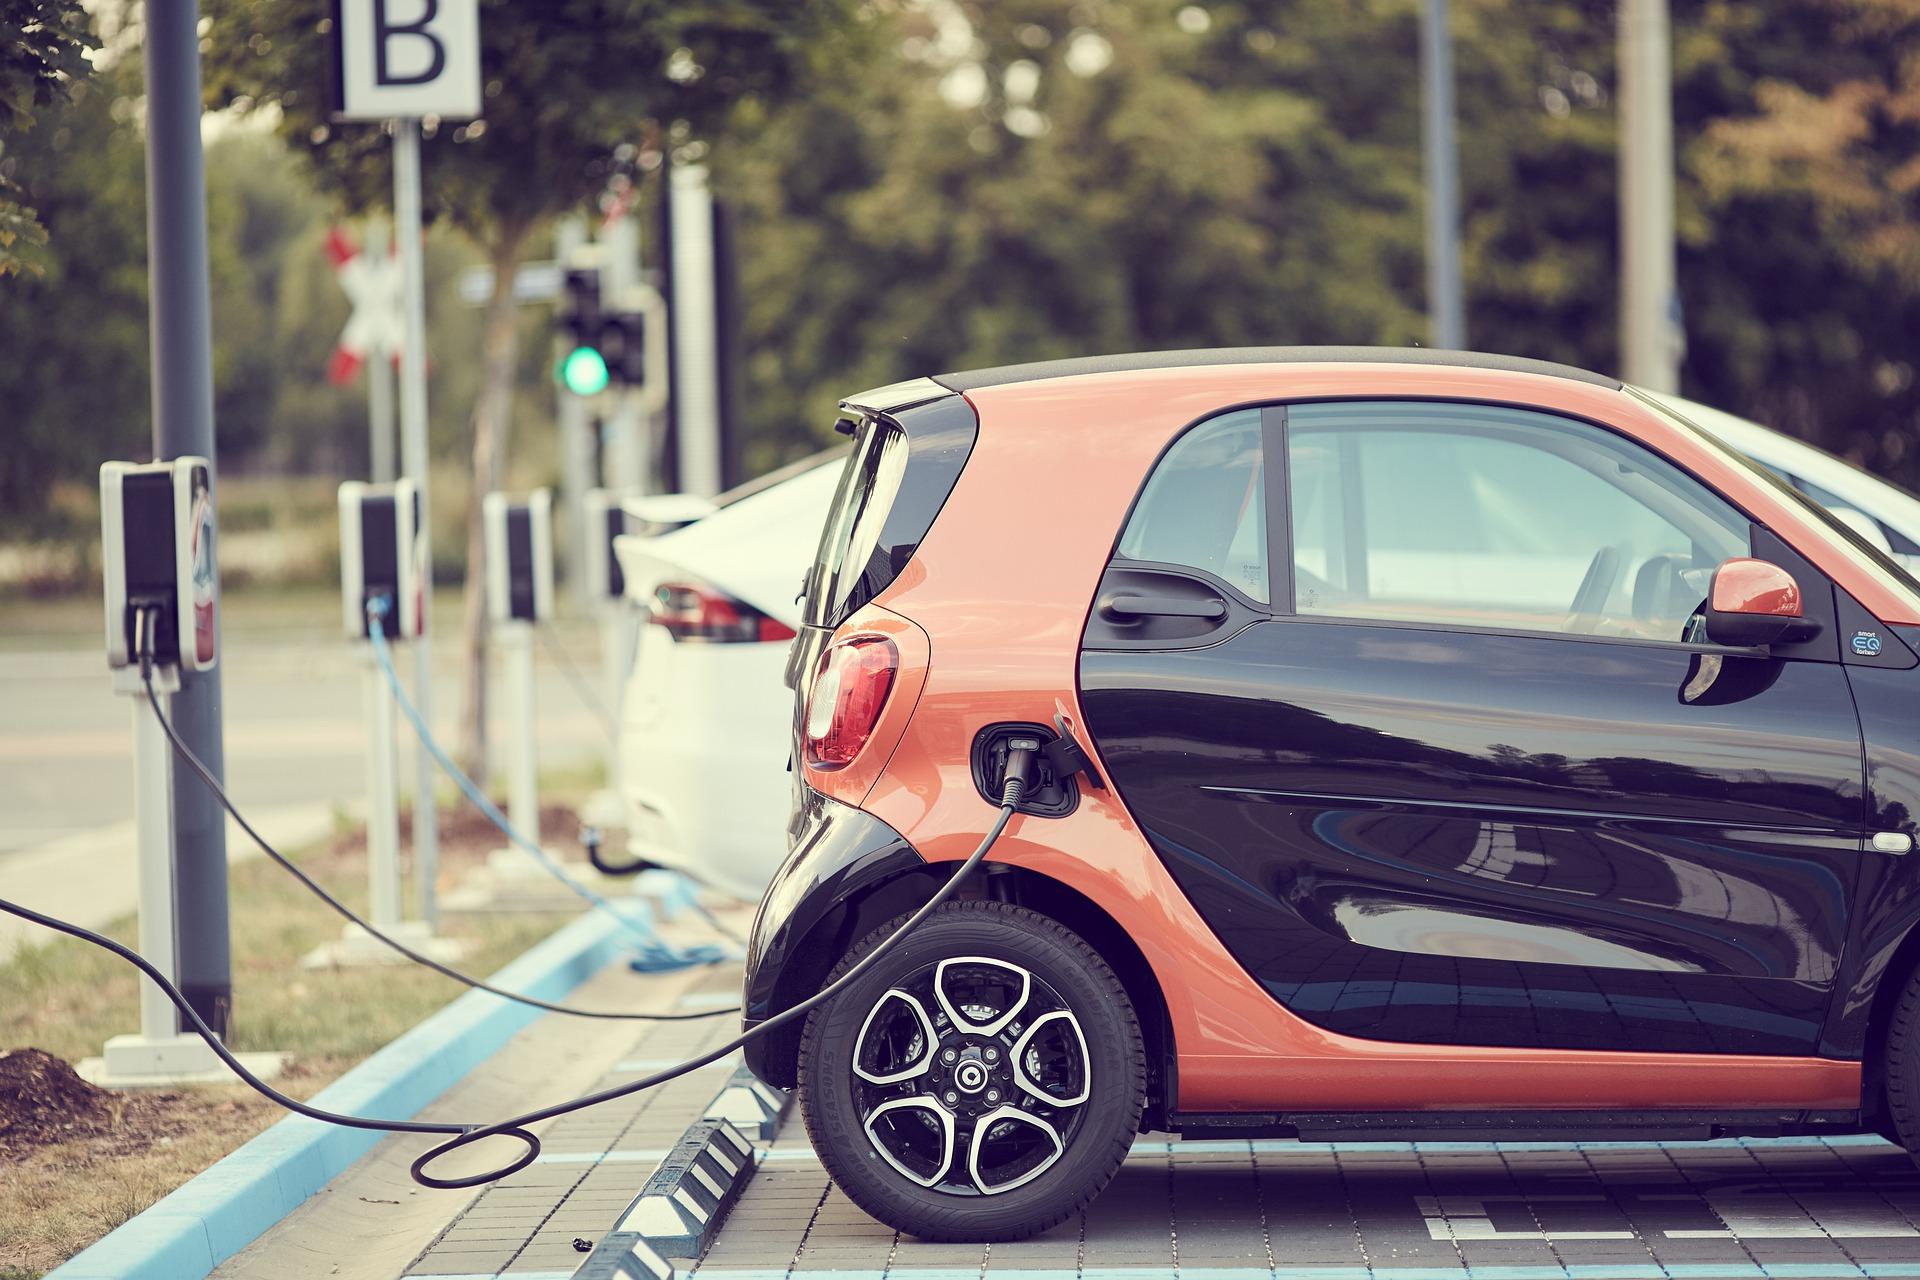 Energías renovables y eficiencia energética para la movilidad urbana sostenible, un futuro no tan lejano